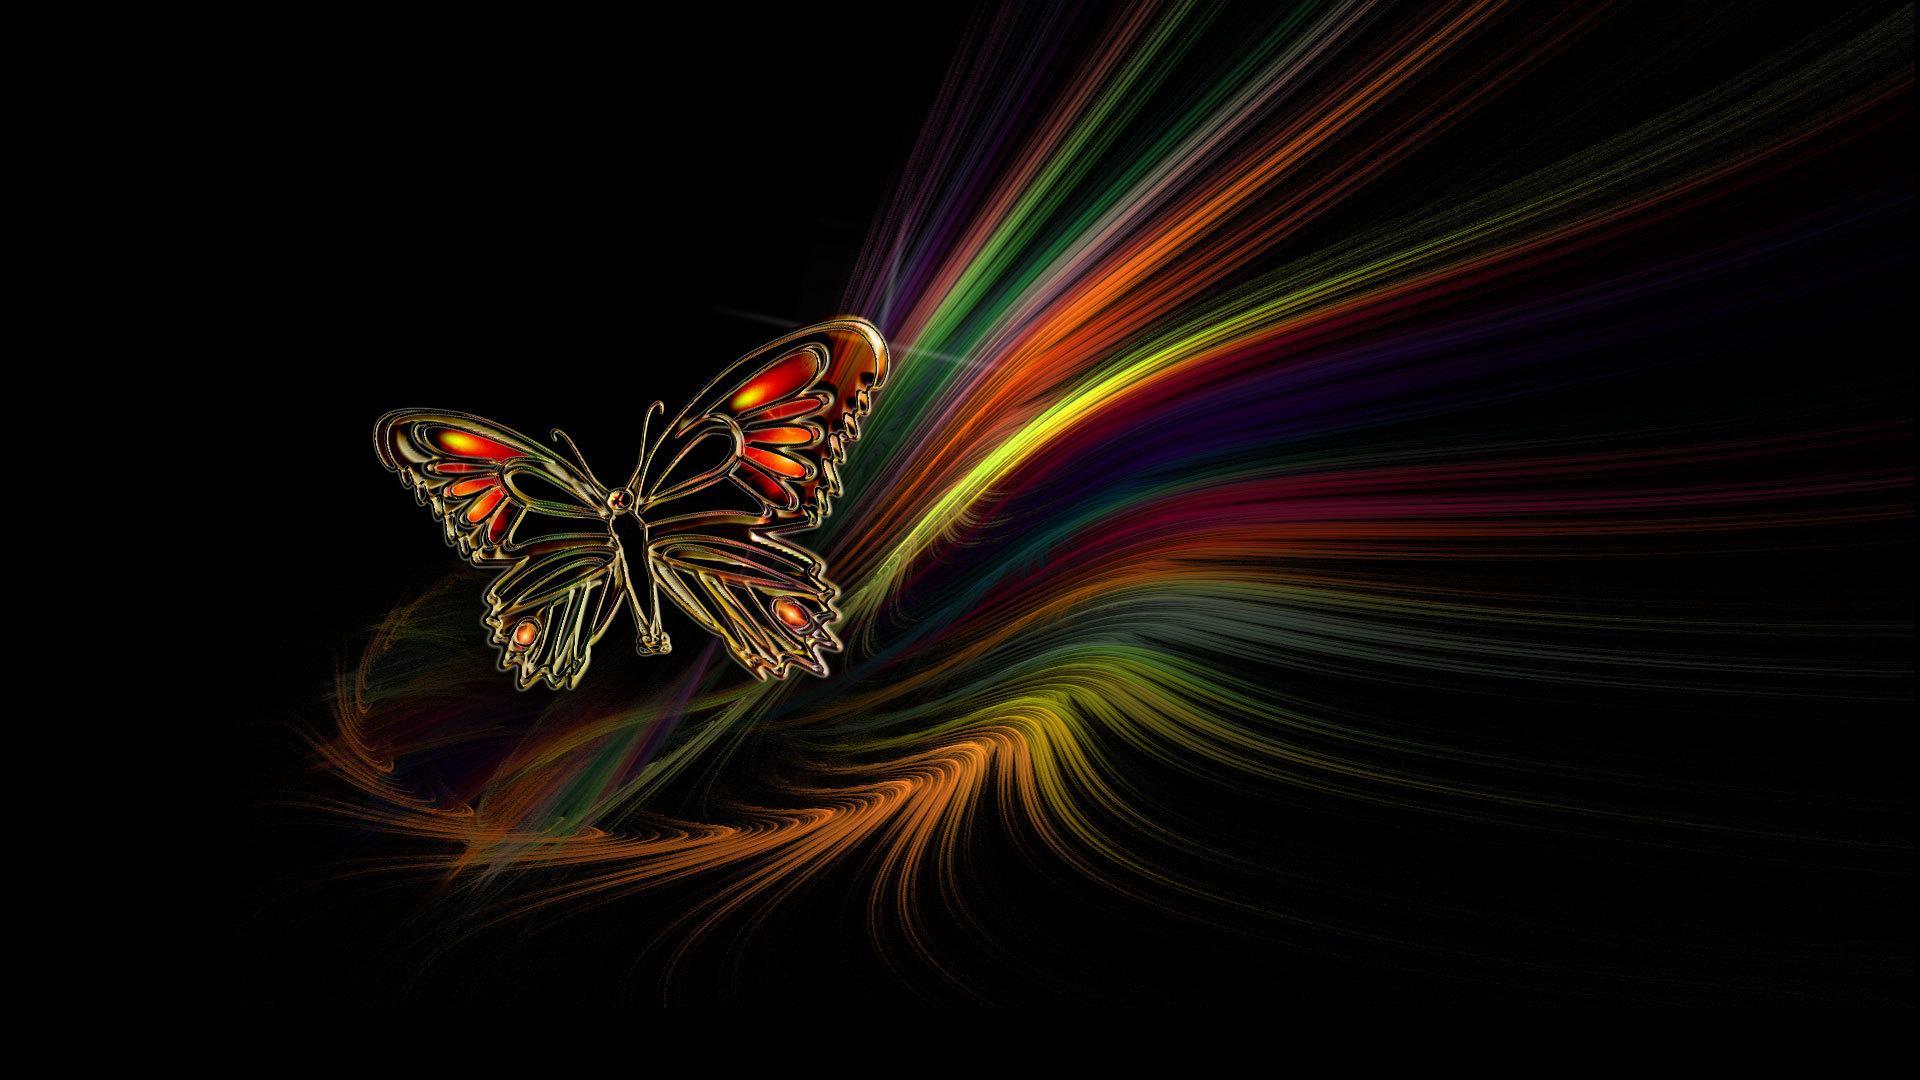 Sfondo farfalla astratta e colori sfondi hd gratis for Sfondi farfalle gratis